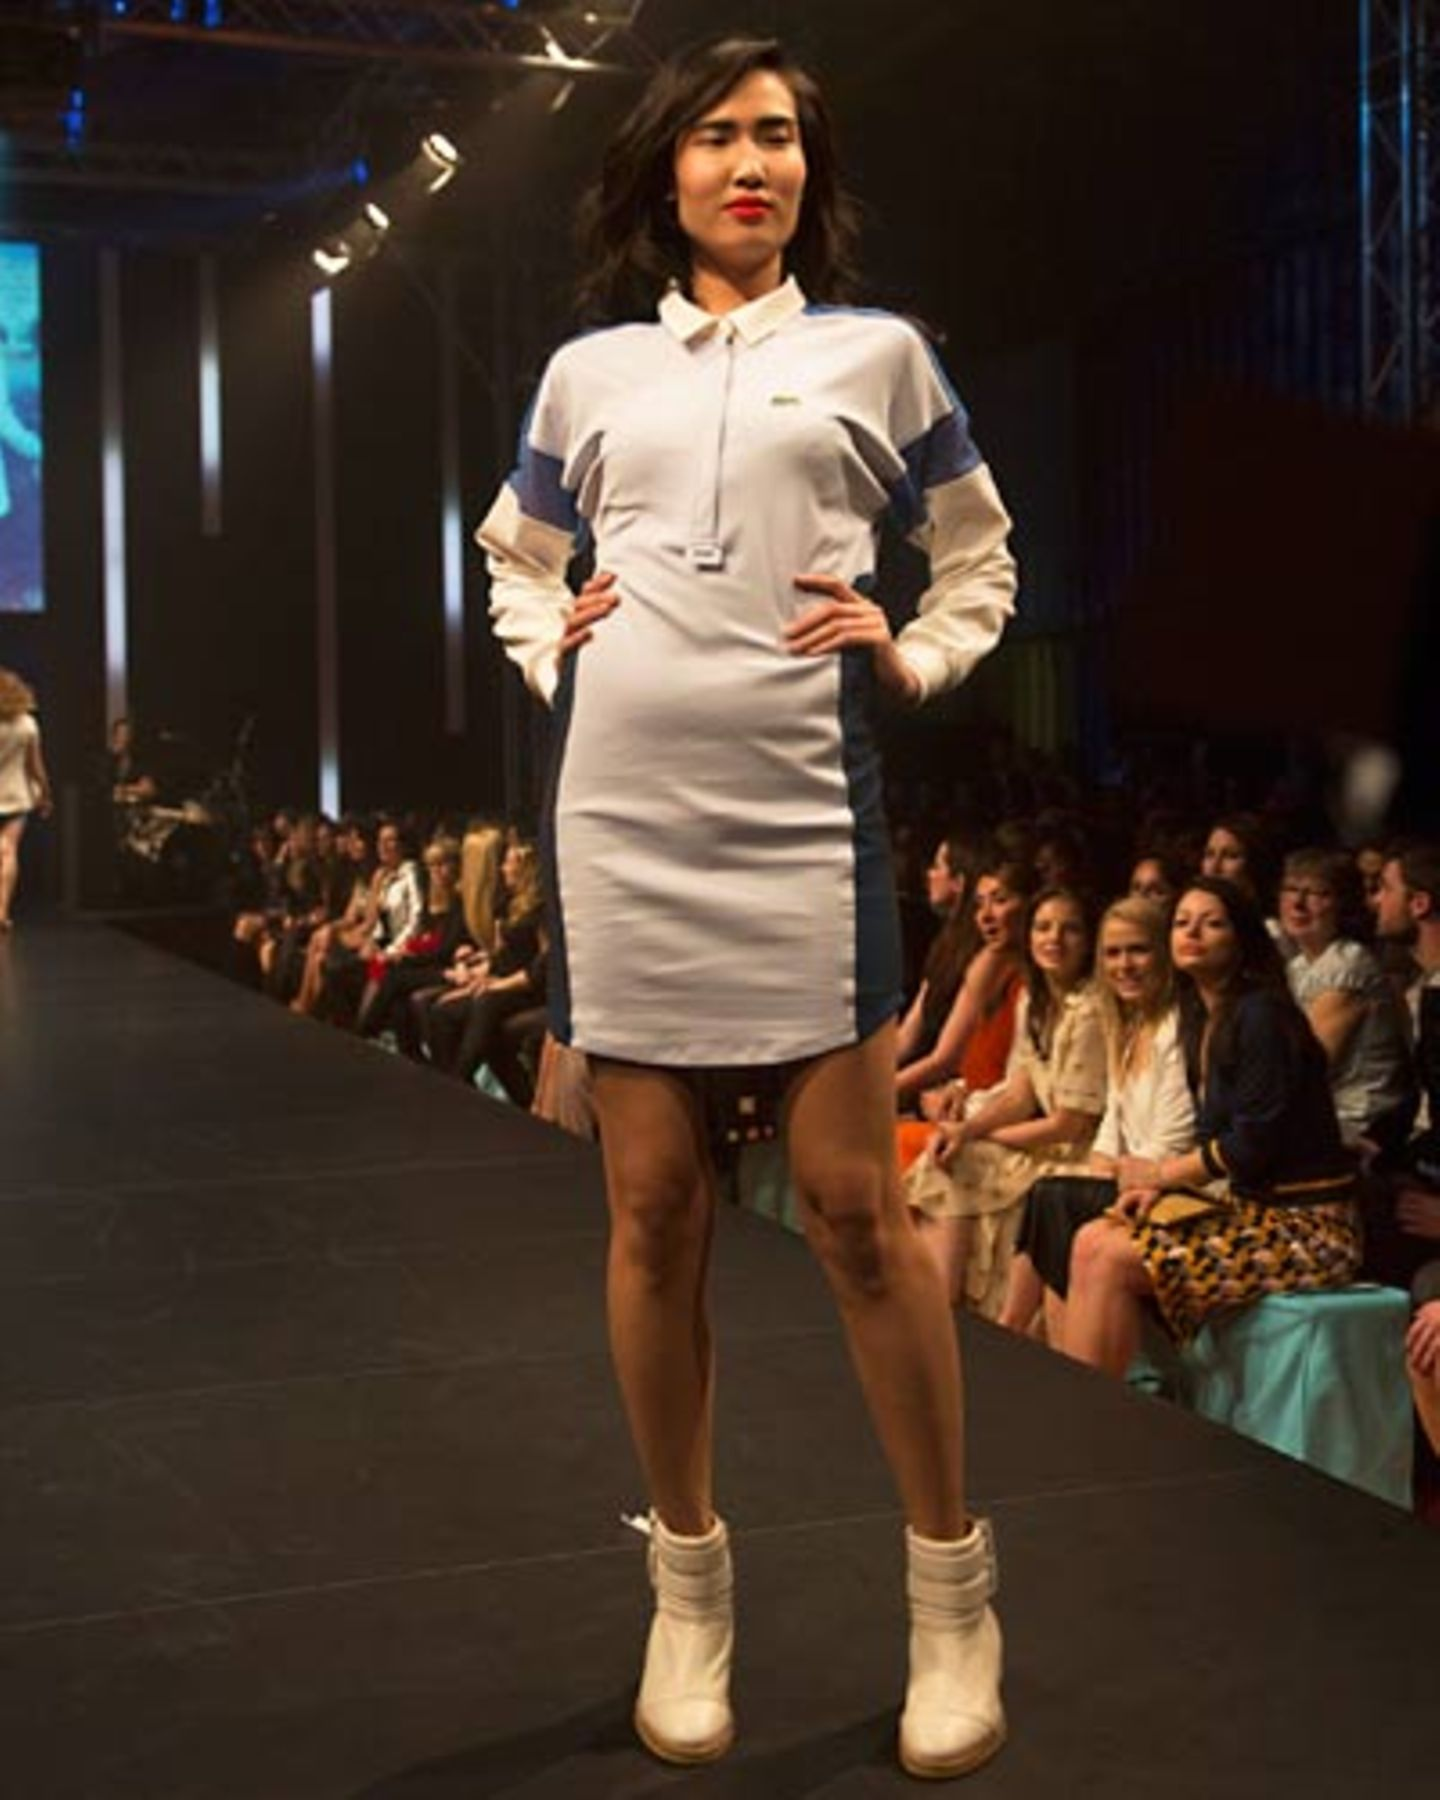 Das sportliches Polo-Kleid ist von Lacoste. Schuhe: Zalando Collection.